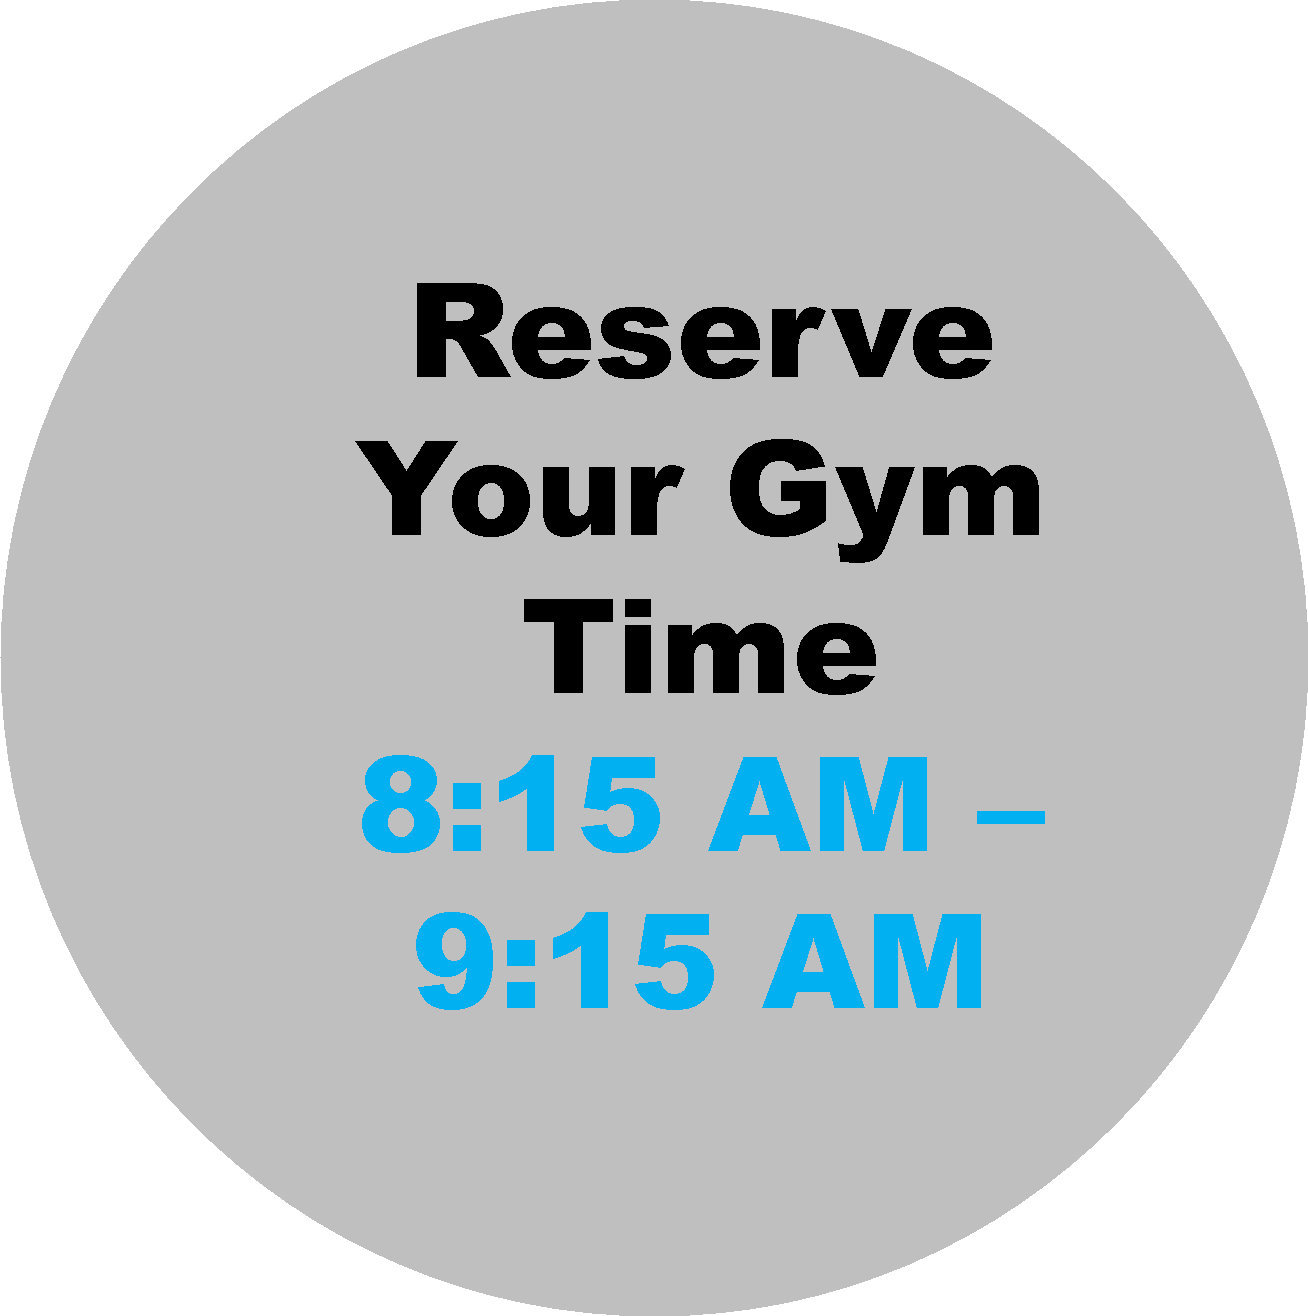 8:15 AM - 9:15 AM Workout Hour